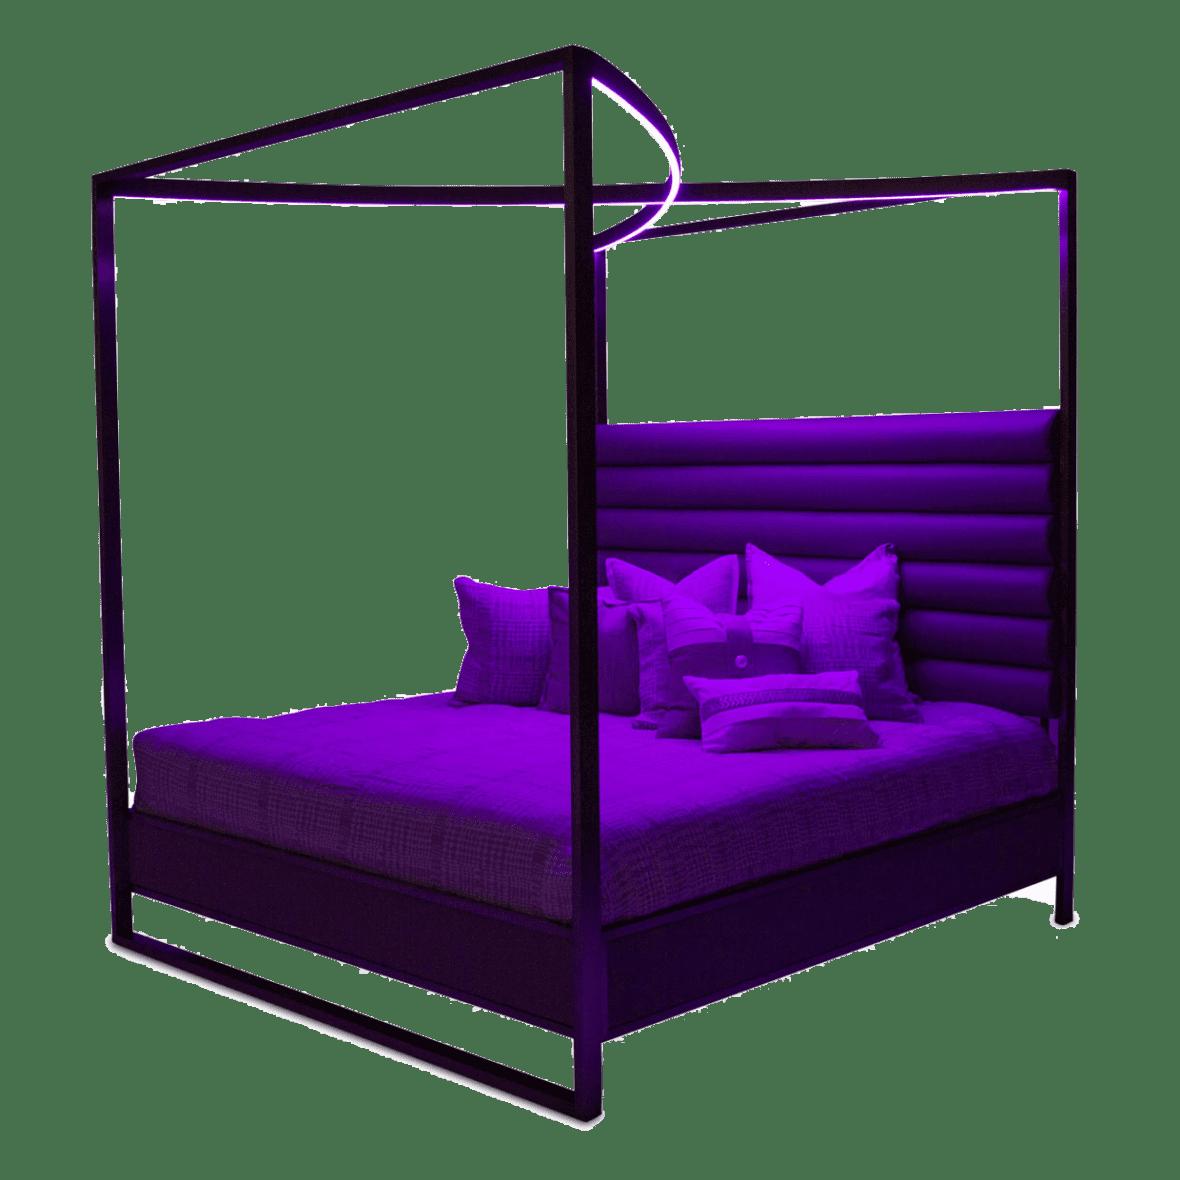 Кровать с декоративным балдахином с подсветкой, размер Queen